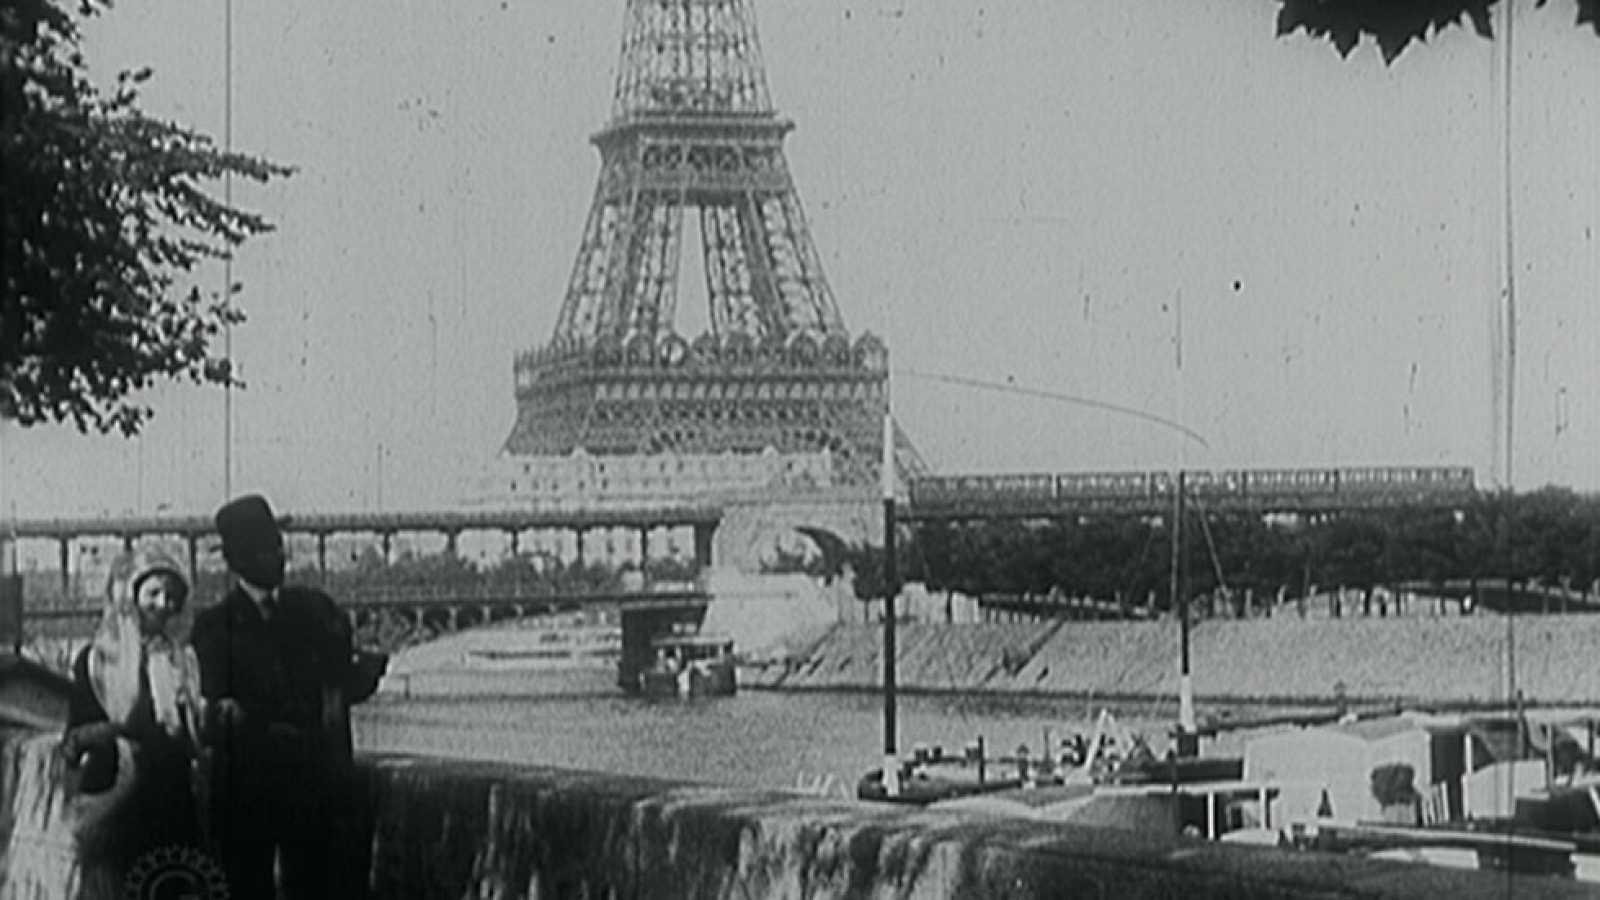 Documenta 2 as empieza la verdadera historia de la for Creador de la torre eiffel